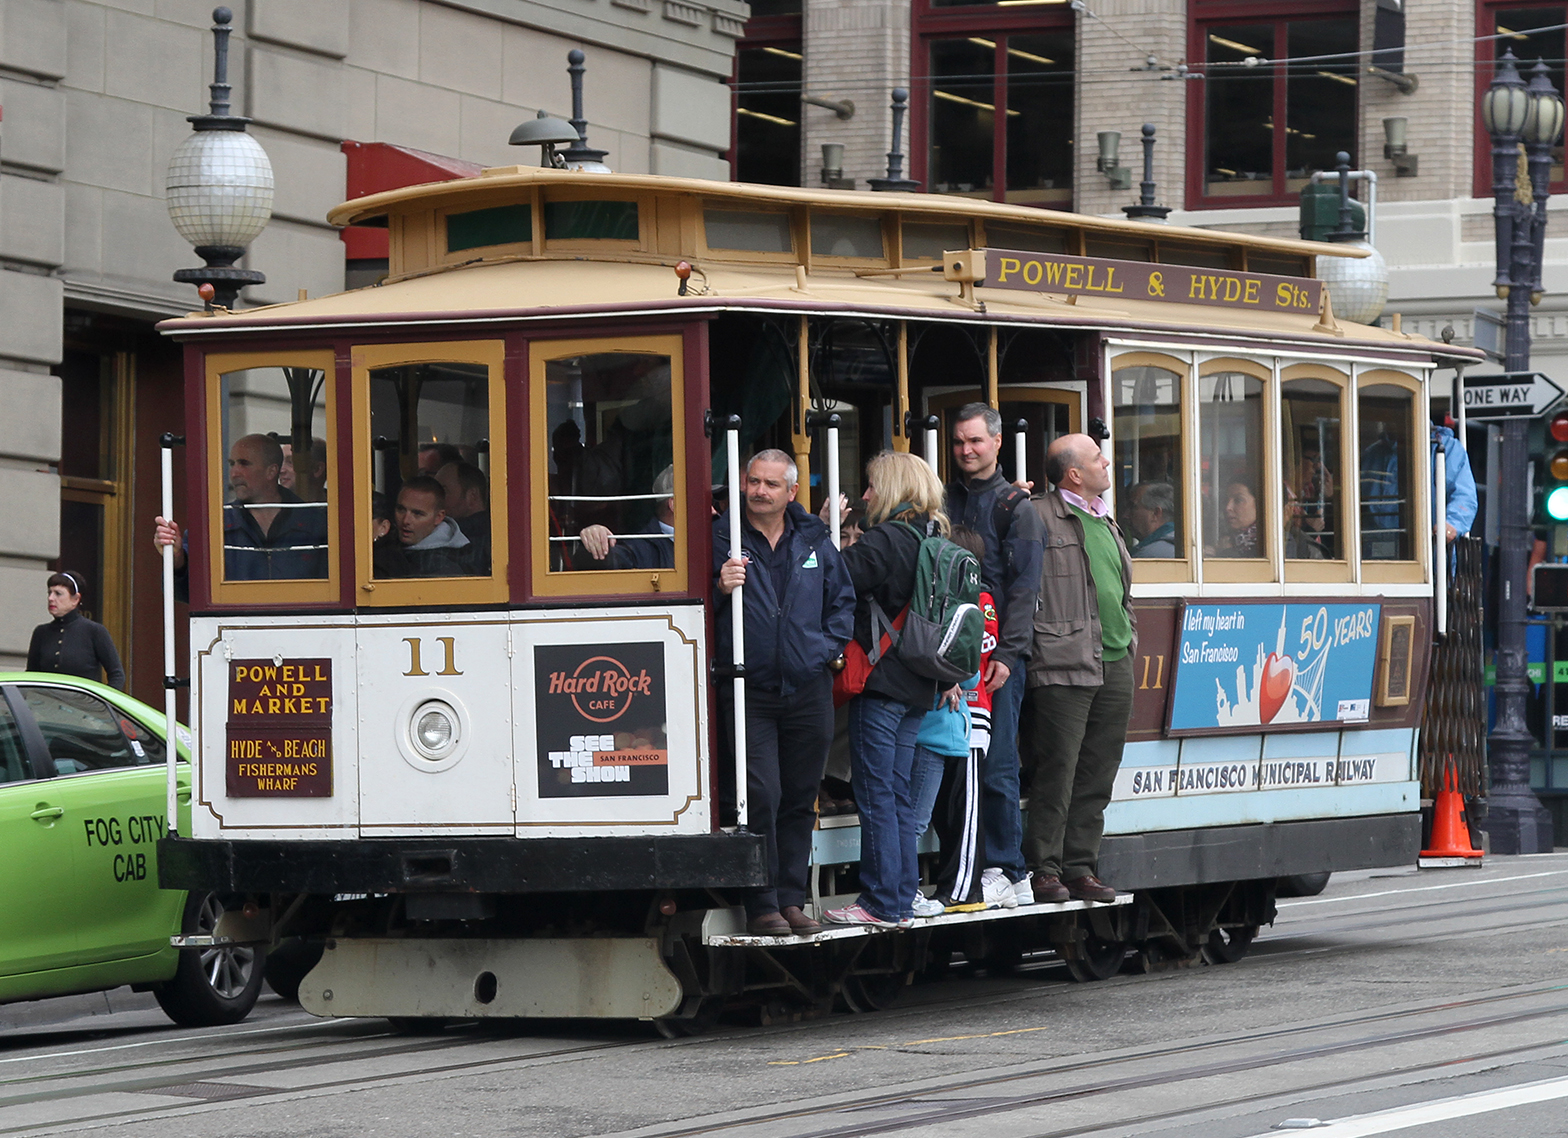 Trolley Car: Cable Car (railway)